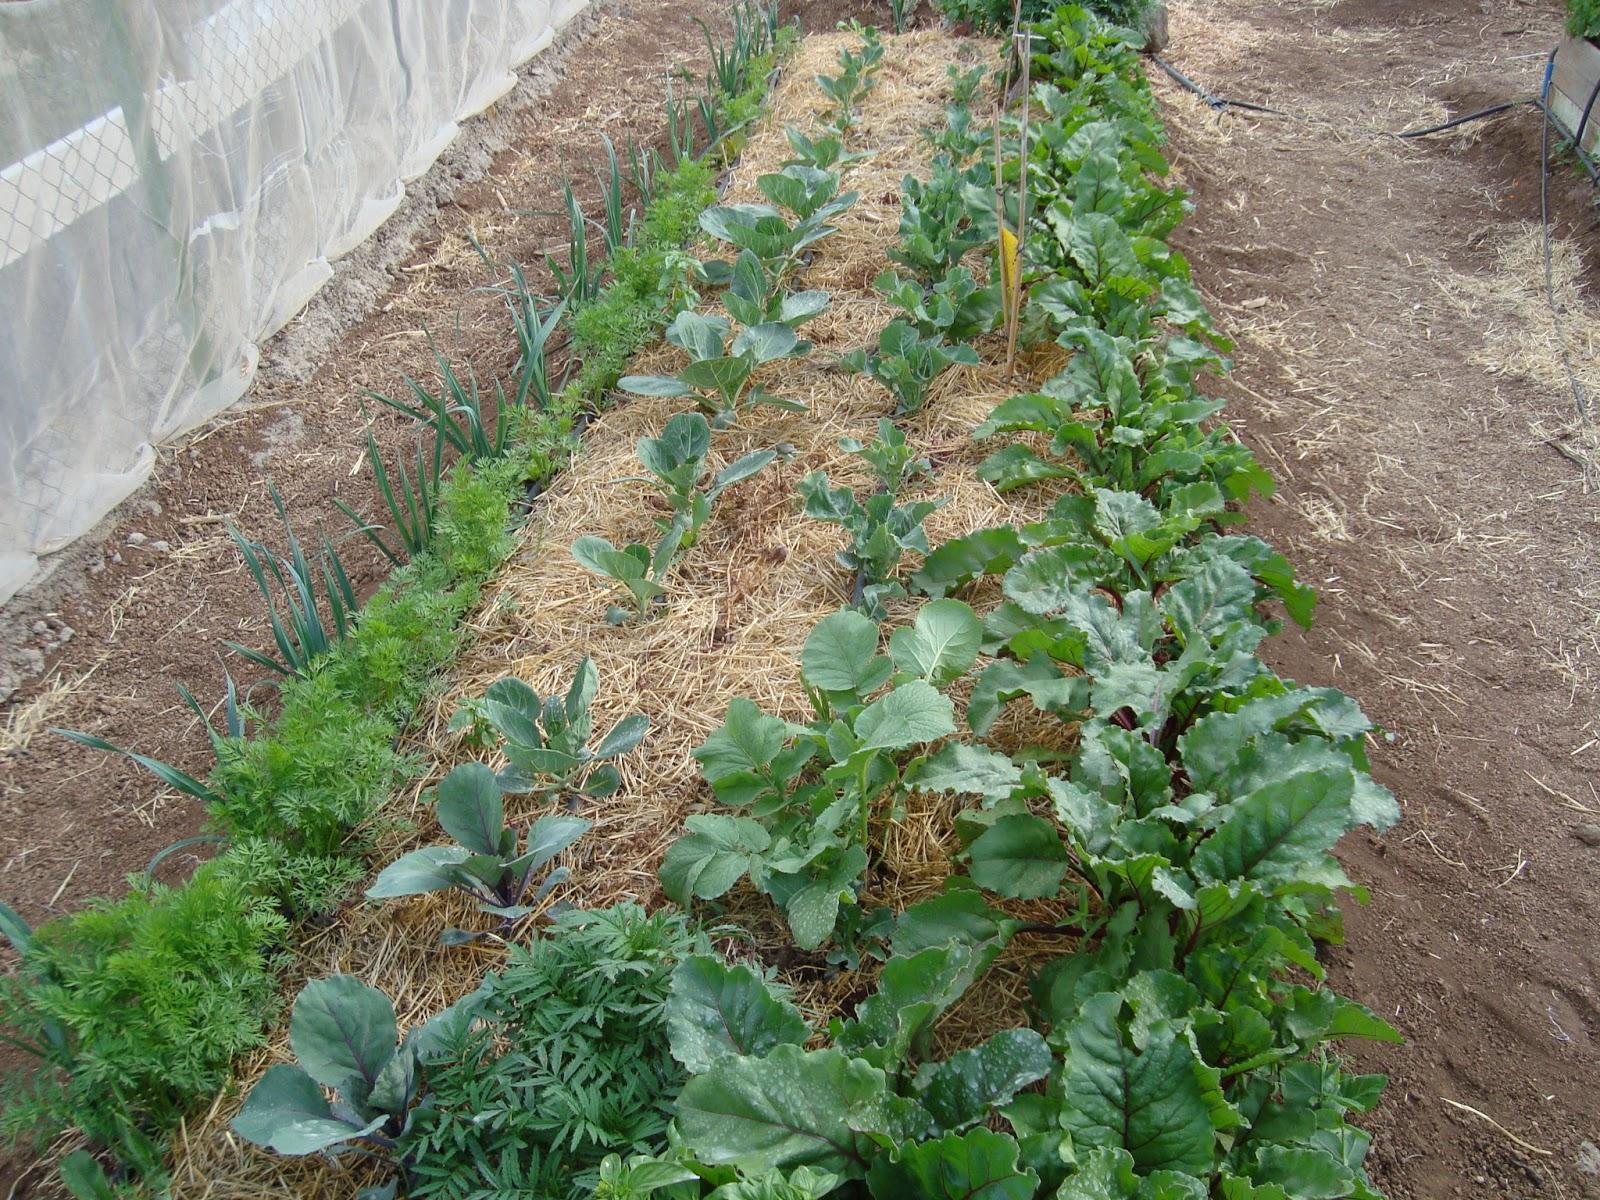 El huerto ecol gico de marcos asociaci n de cultivos Asociaciones de cultivos favorables